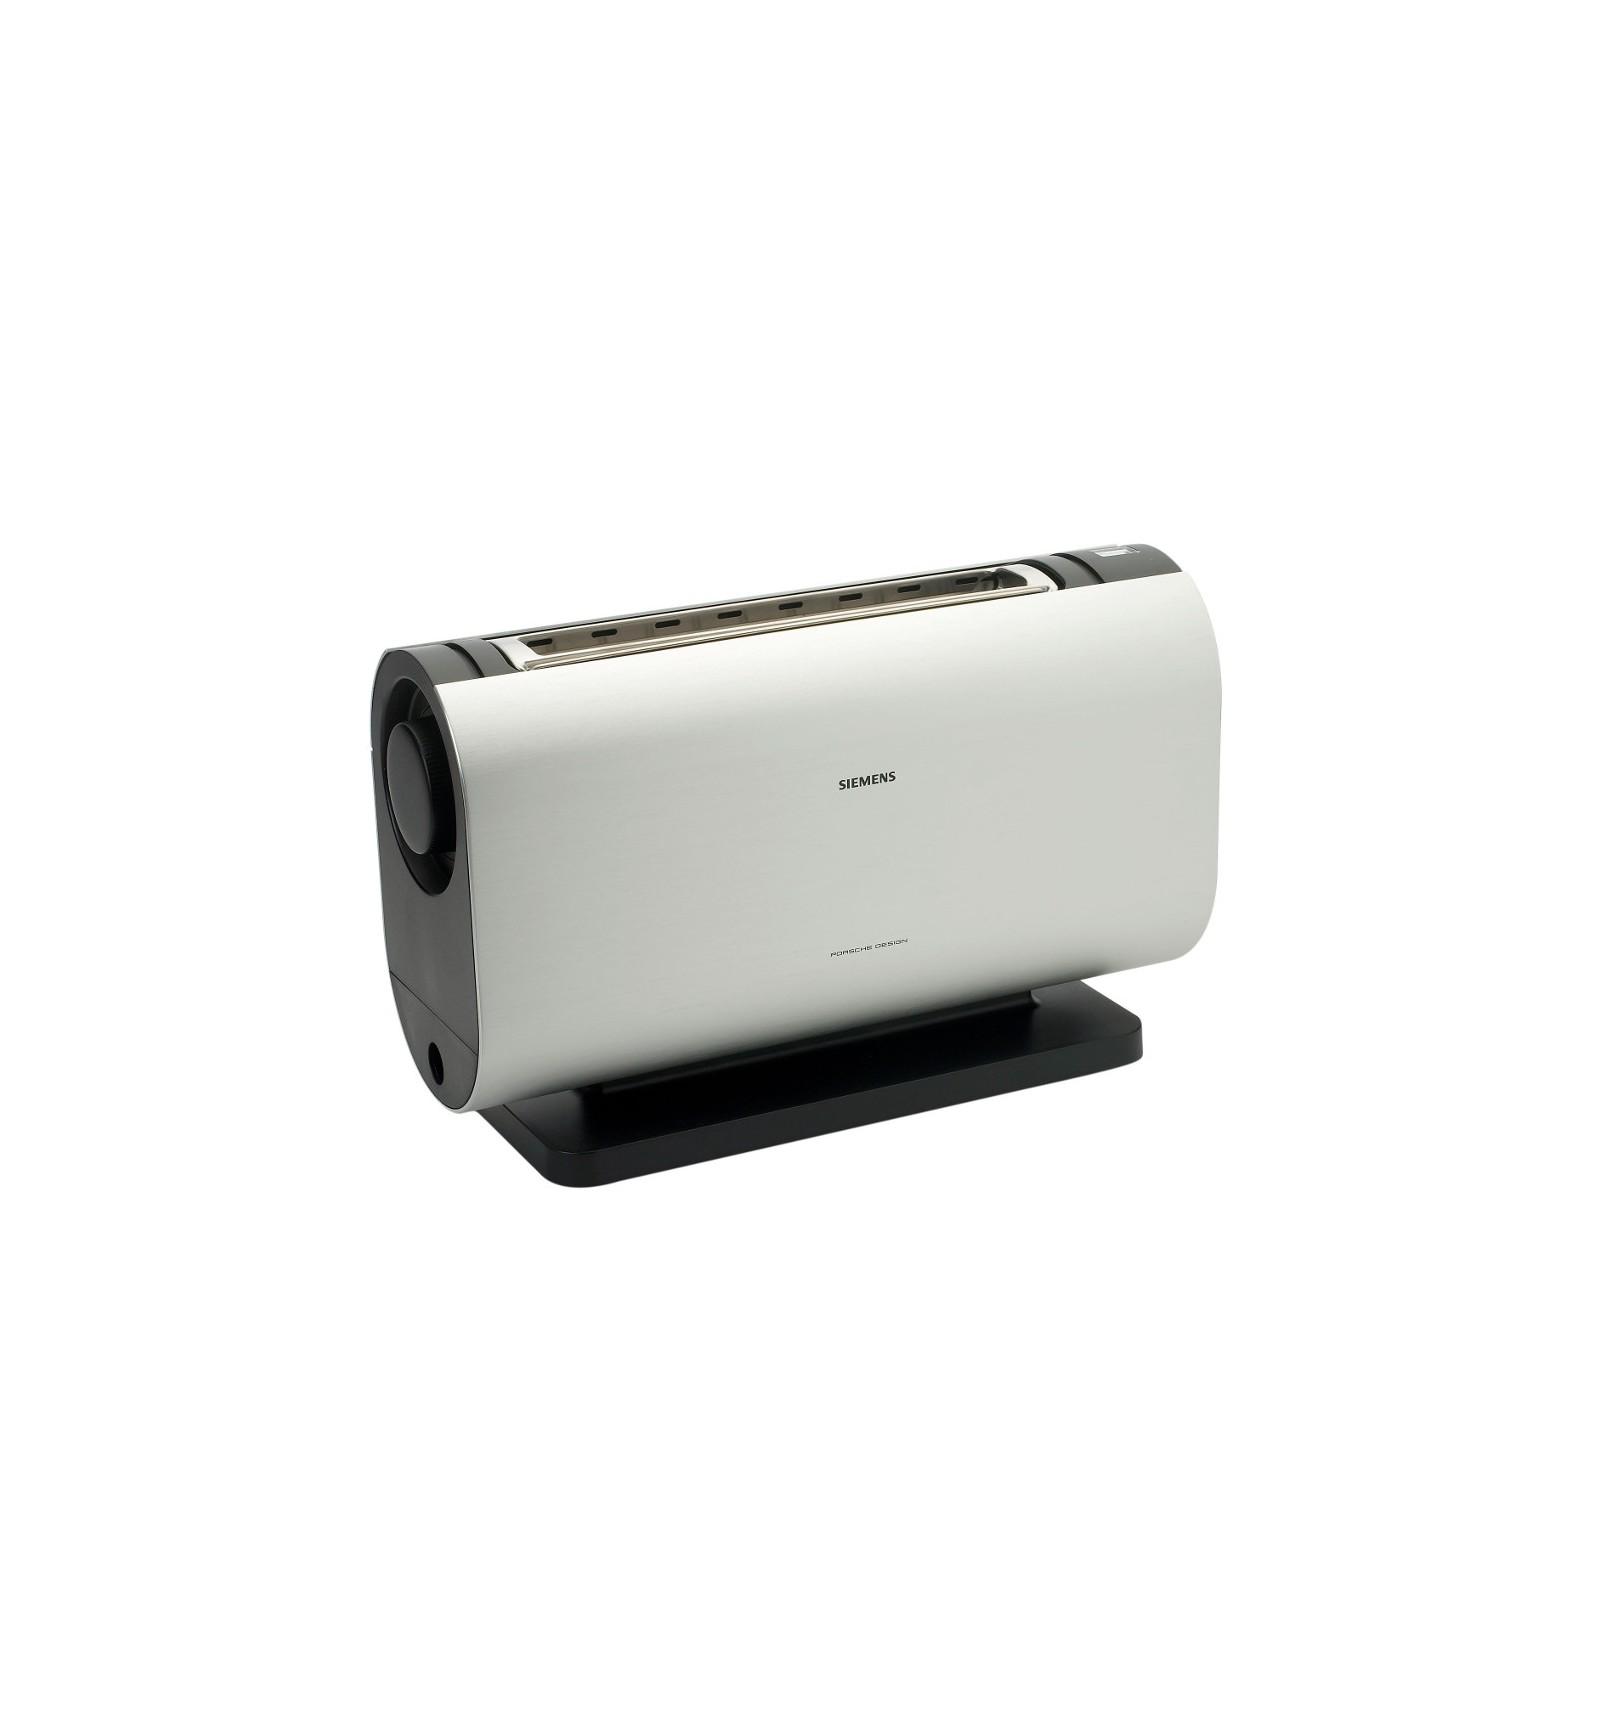 siemens porsche design long slot toaster. Black Bedroom Furniture Sets. Home Design Ideas